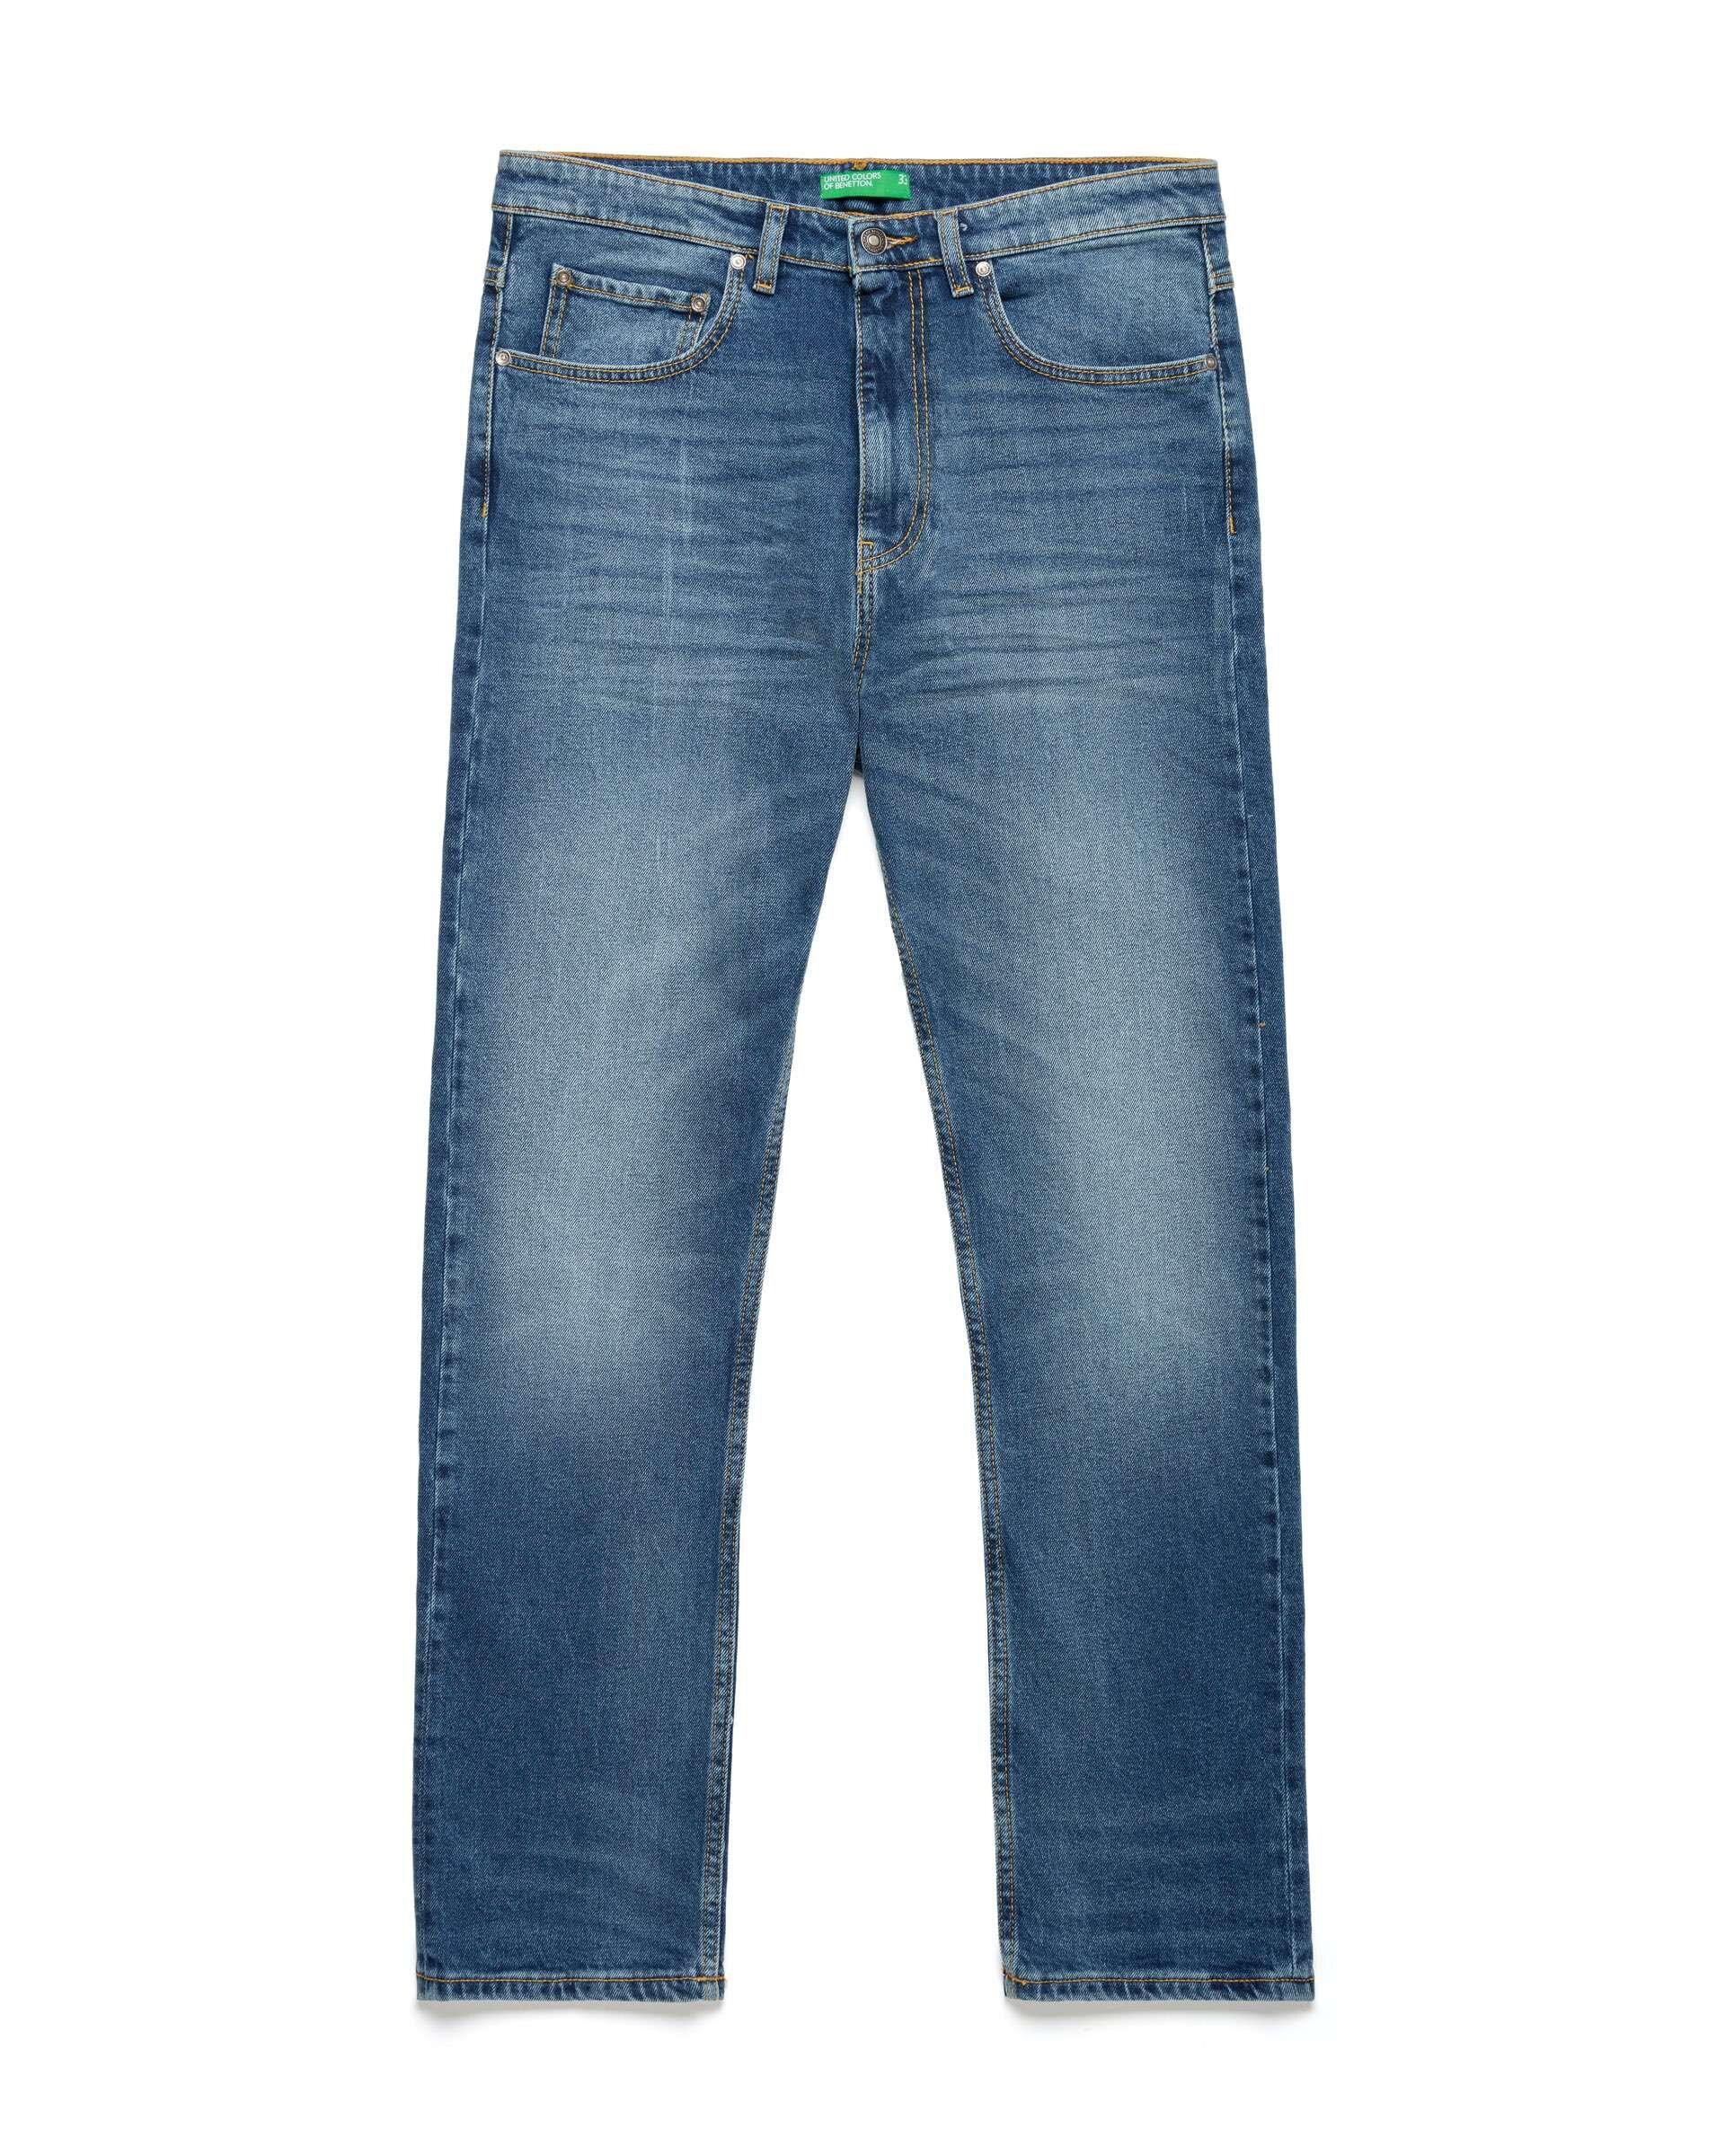 Regular Waist Jean